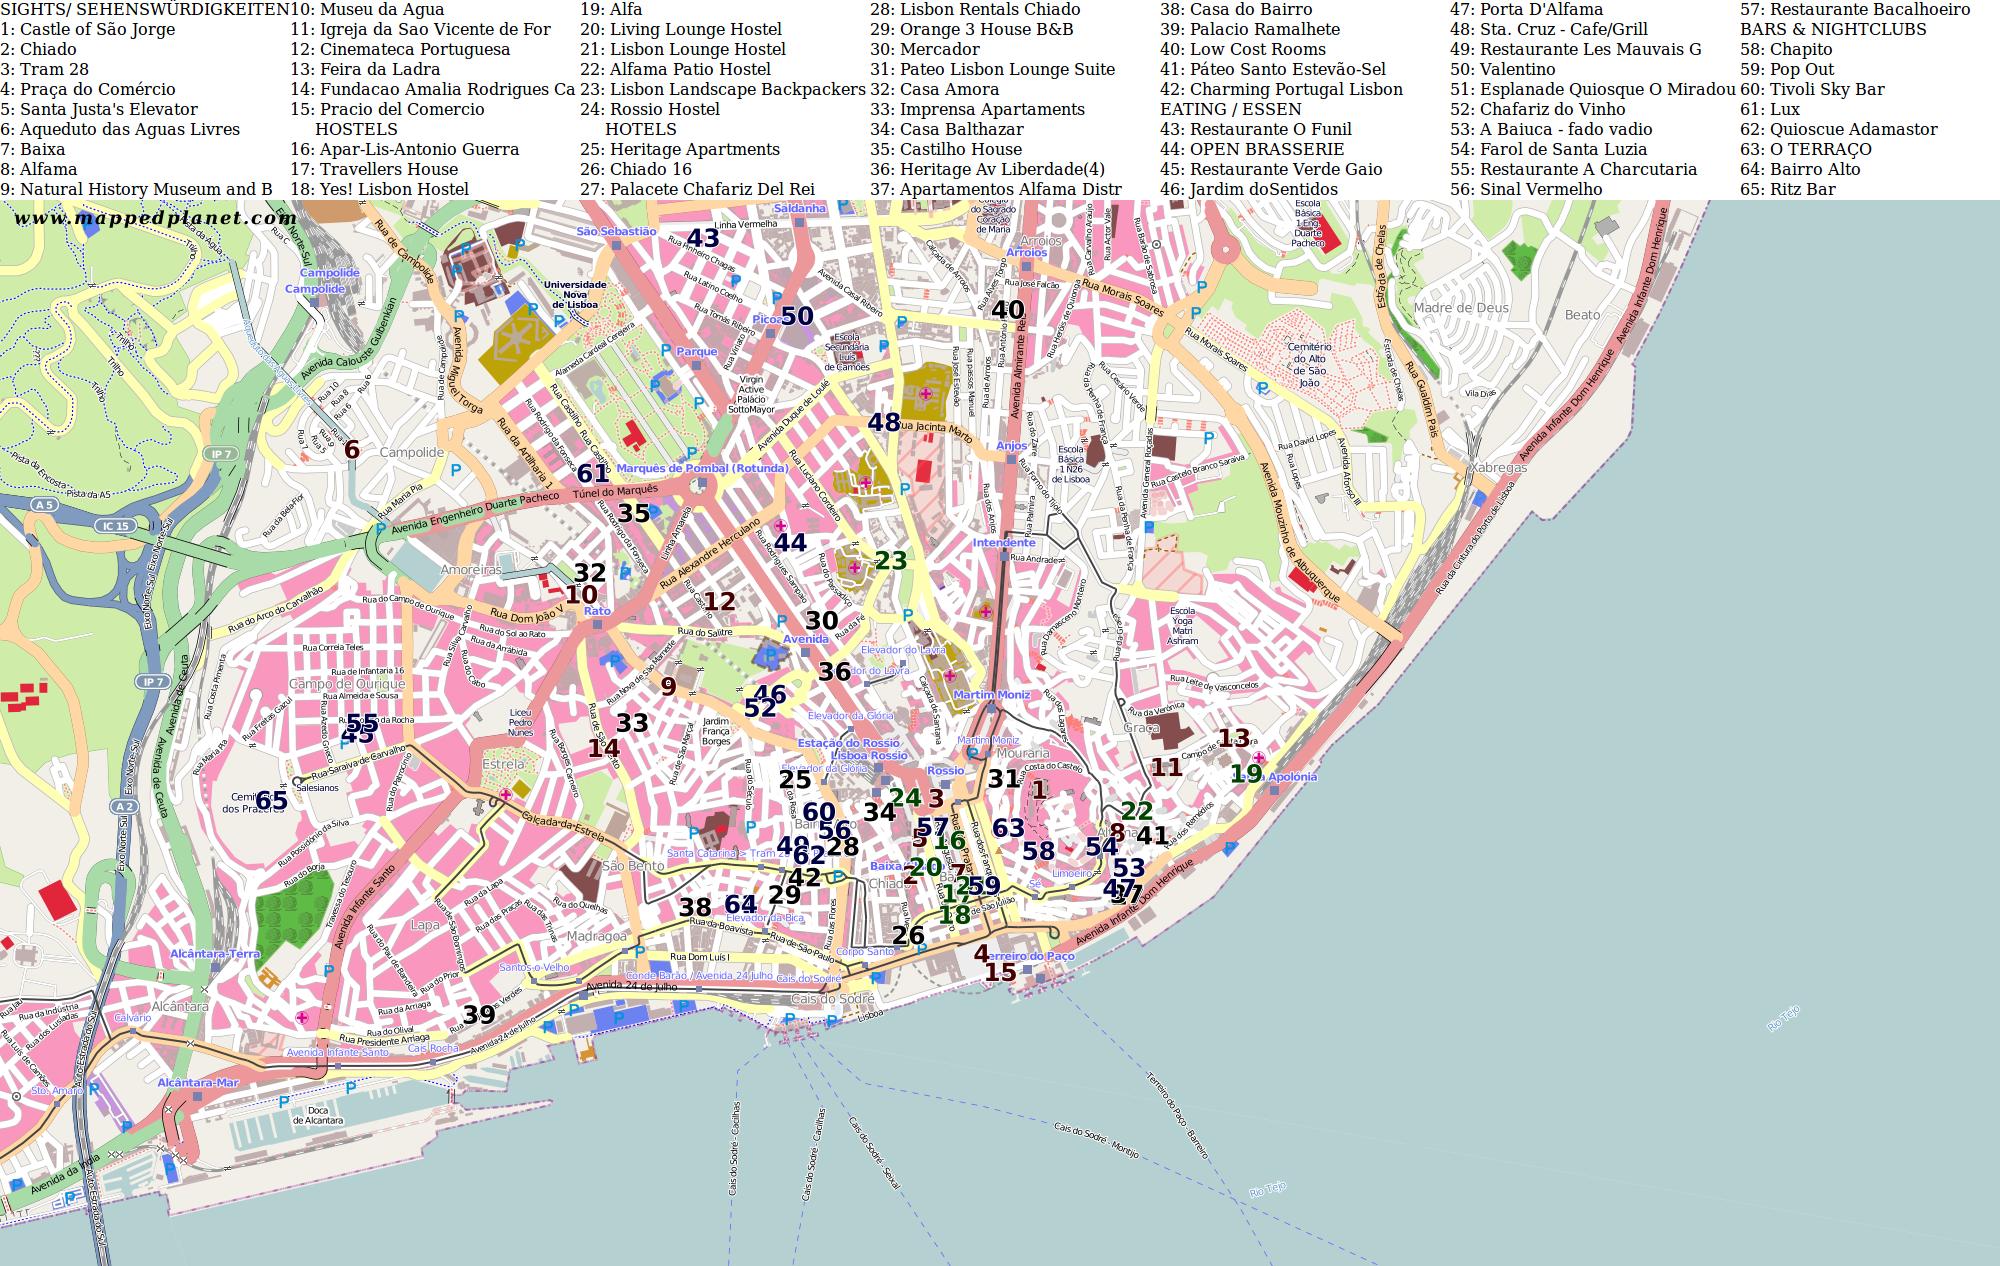 lissabon sehenswürdigkeiten karte Karten und Stadtpläne Lissabon